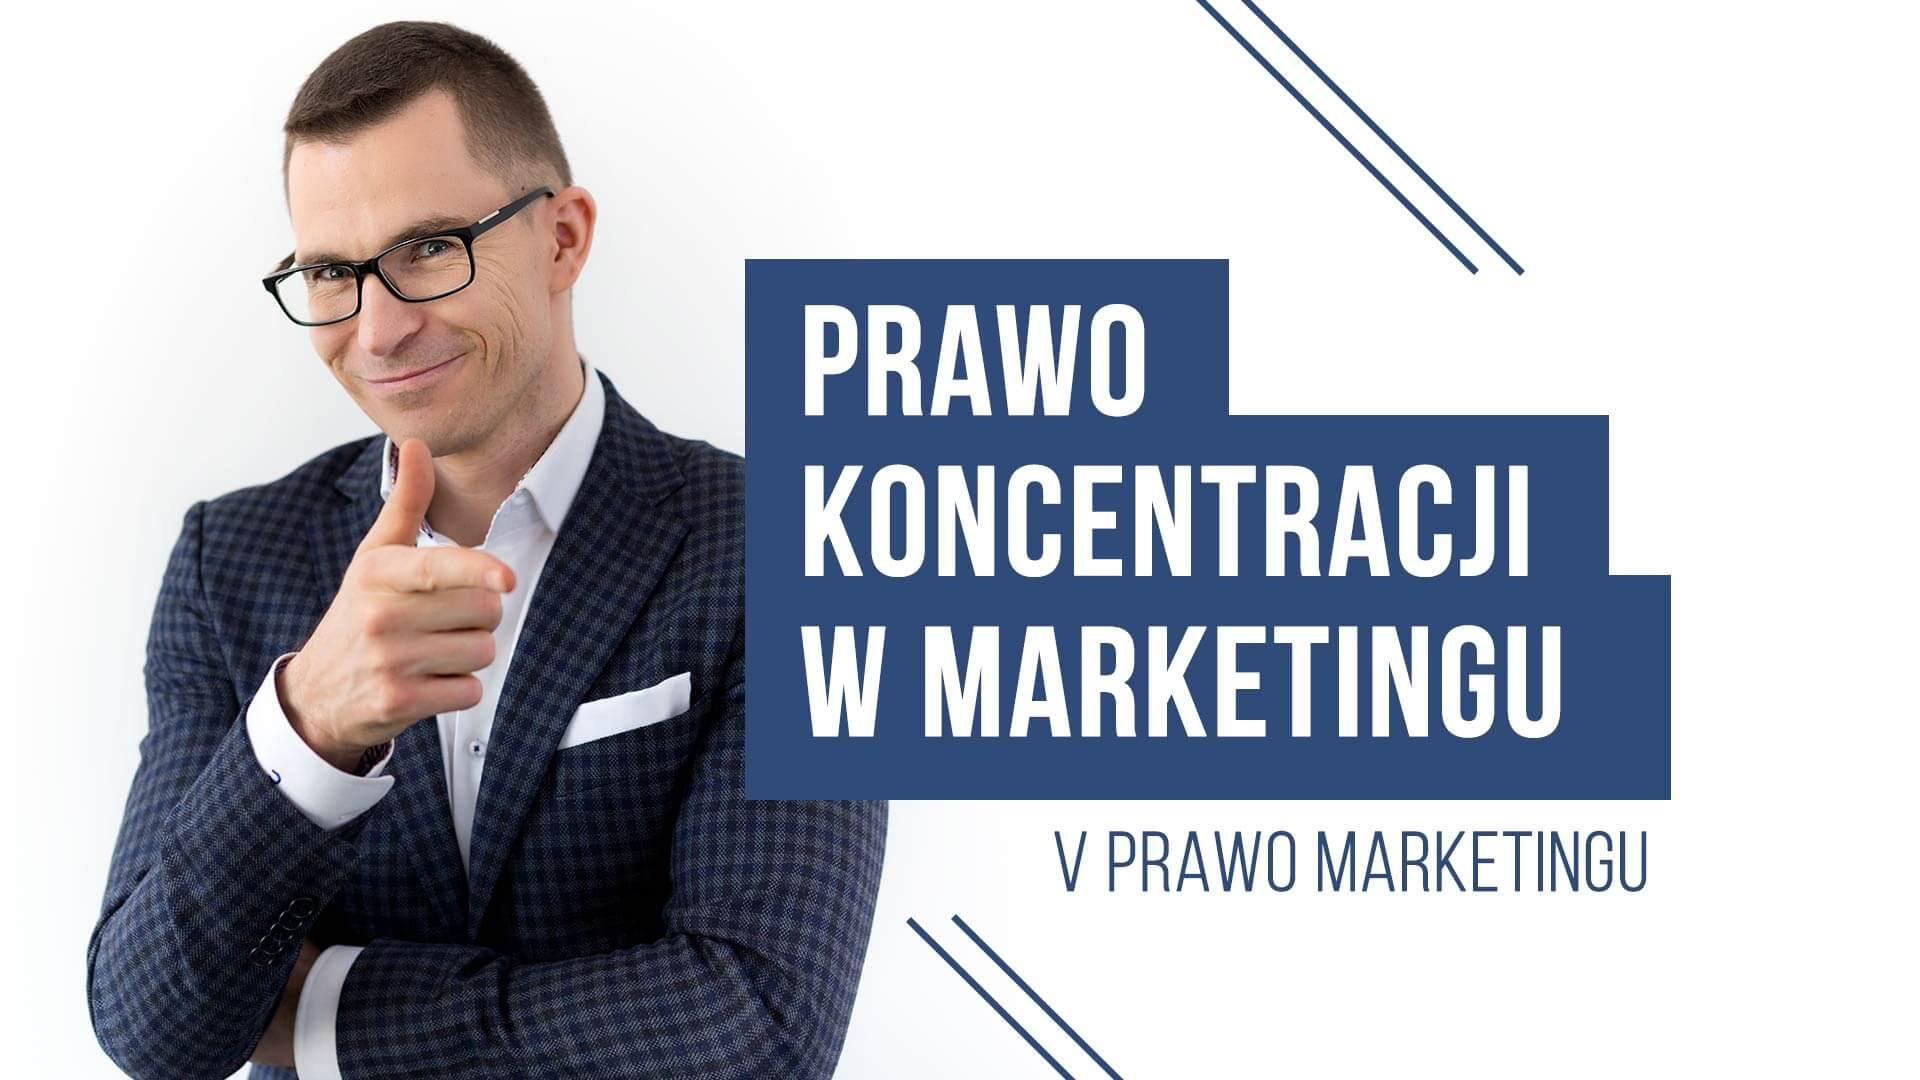 Piąte prawo marketingu – Prawo Koncentracji